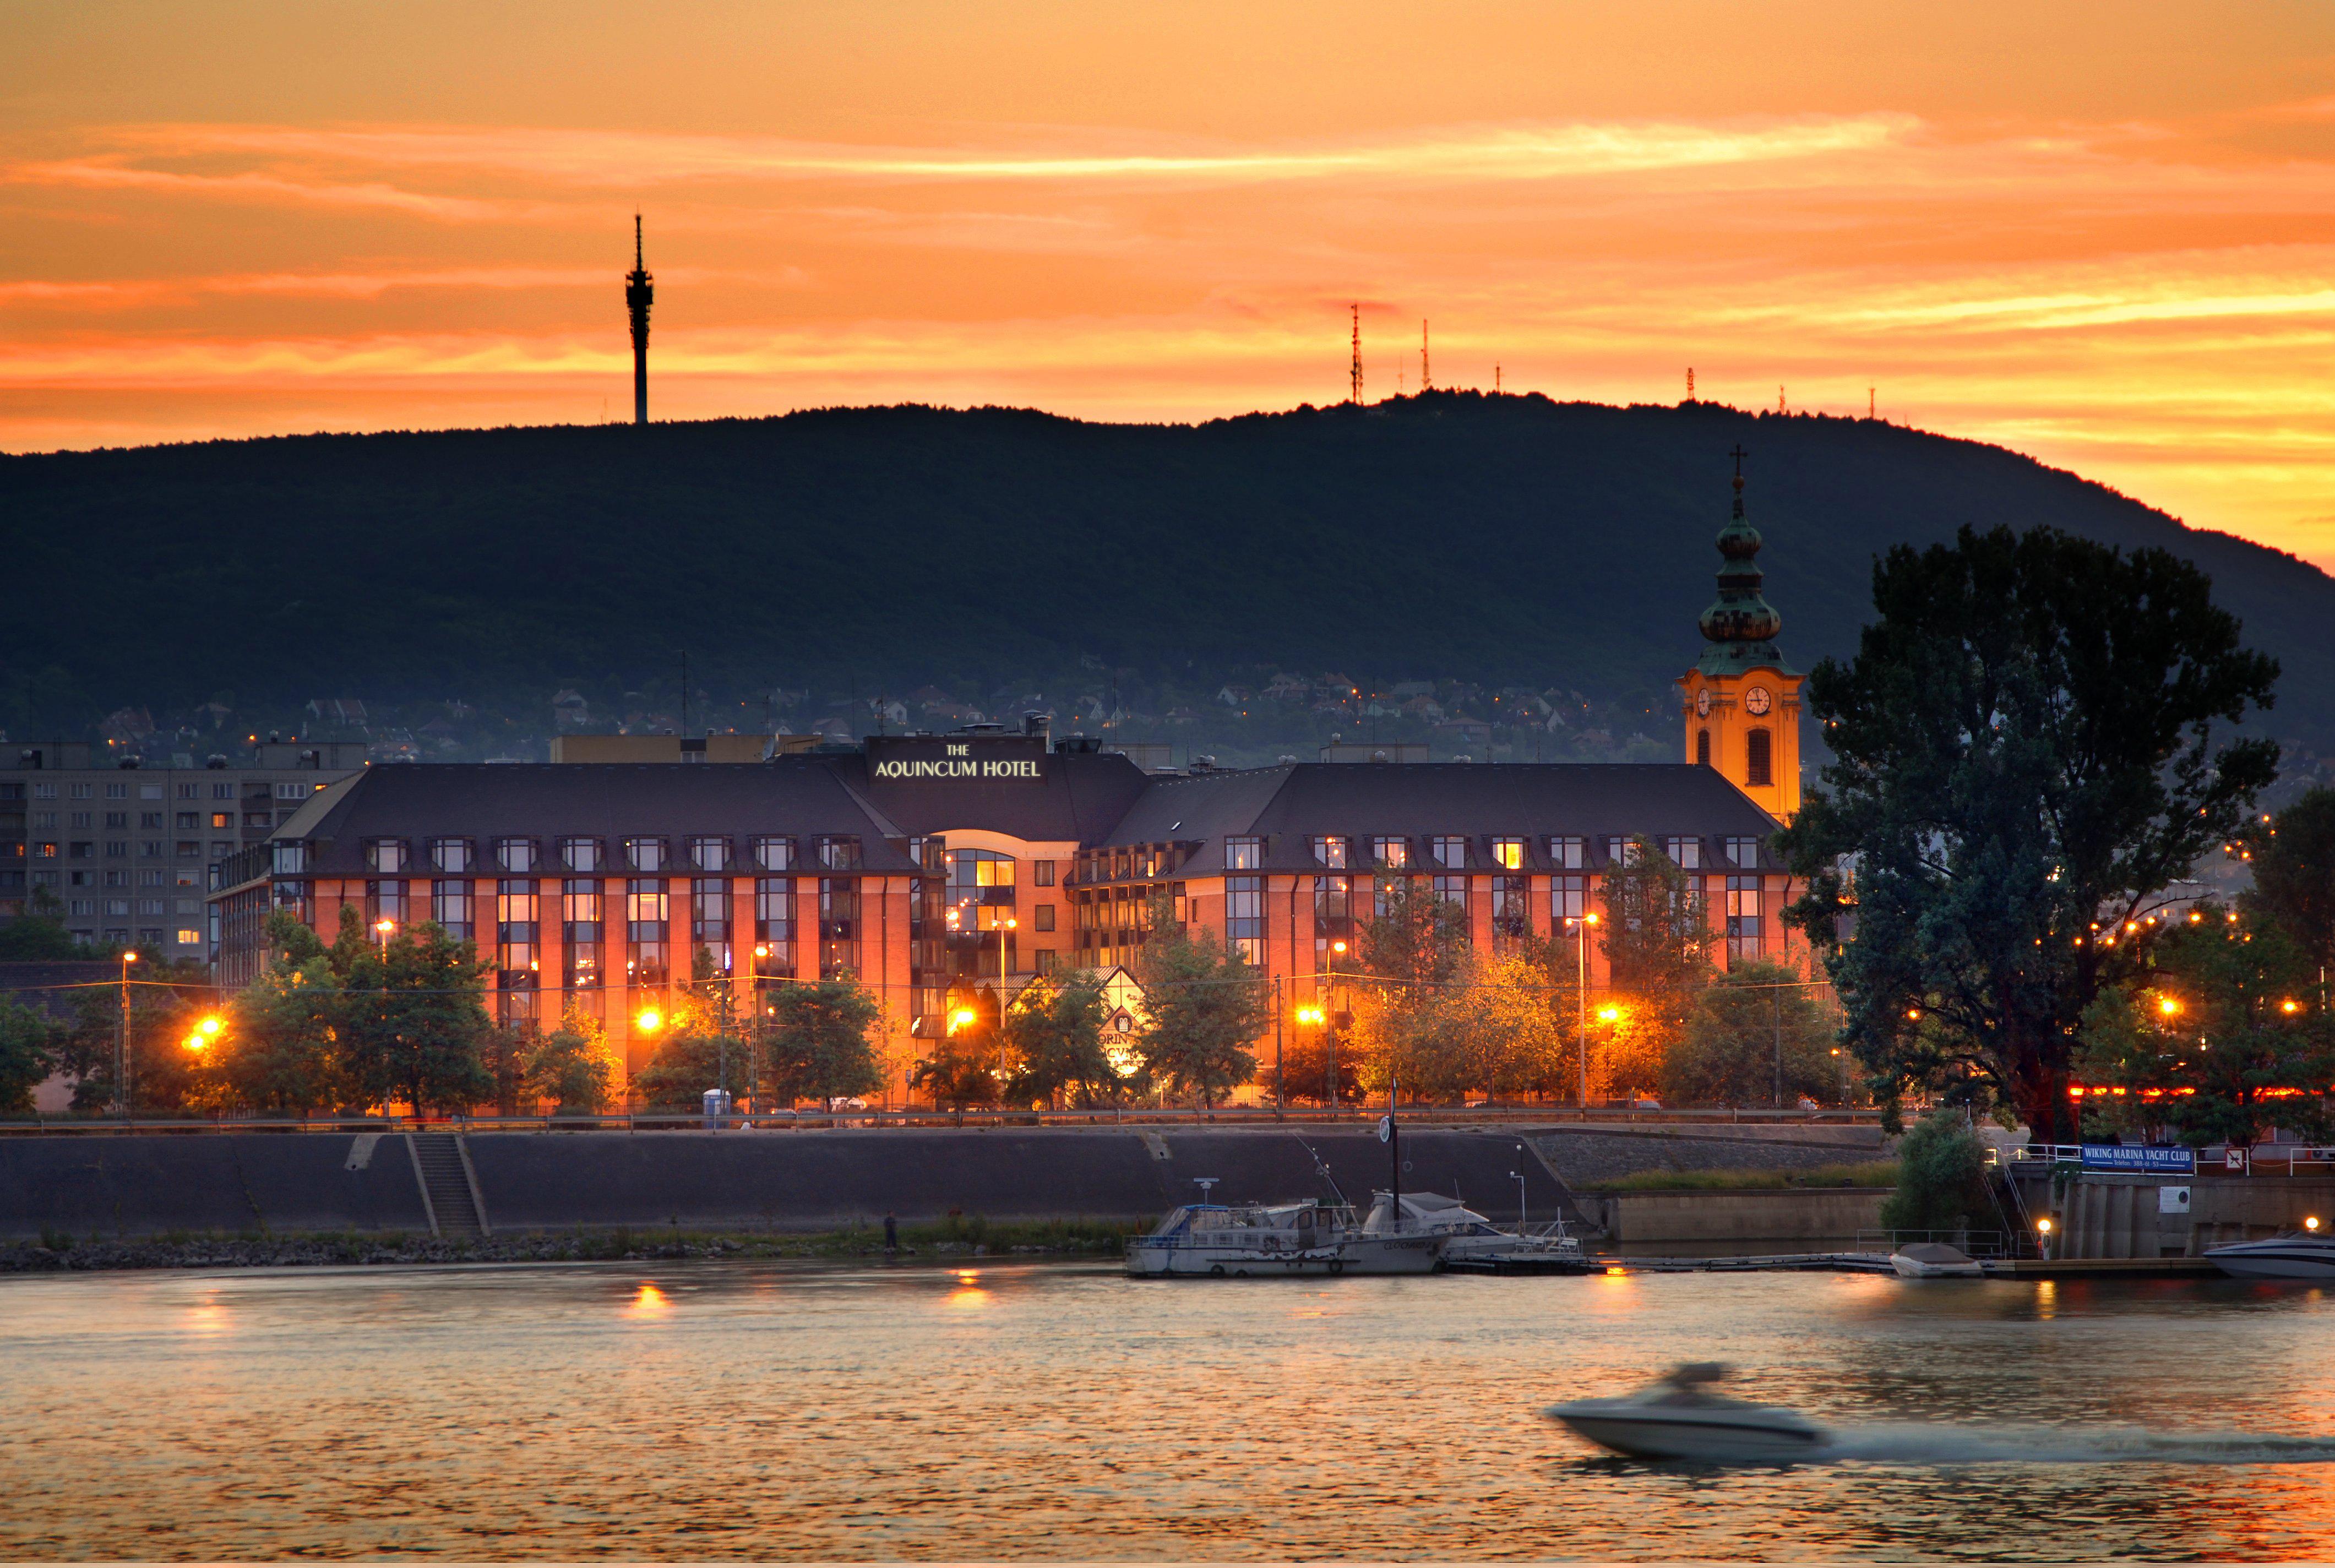 Az Aquincum Hotel Budapest a főváros egyik történelmi részén, Óbudán, a Duna-parton várja vendégeit, a Margit-szigettel szemben. A szálloda környékén hangulatos utcákat, borozókat és éttermeket találunk, a közeli óbudai Főtér pedig változatos szabadtéri programokat kínál. Az elsősorban üzleti jellegű szálloda 310 vendégszobával, étteremmel, kávézóval, 14 sokoldalúan berendezhető konferenciateremmel rendelkezik. <br /> Ismerd meg Te is!